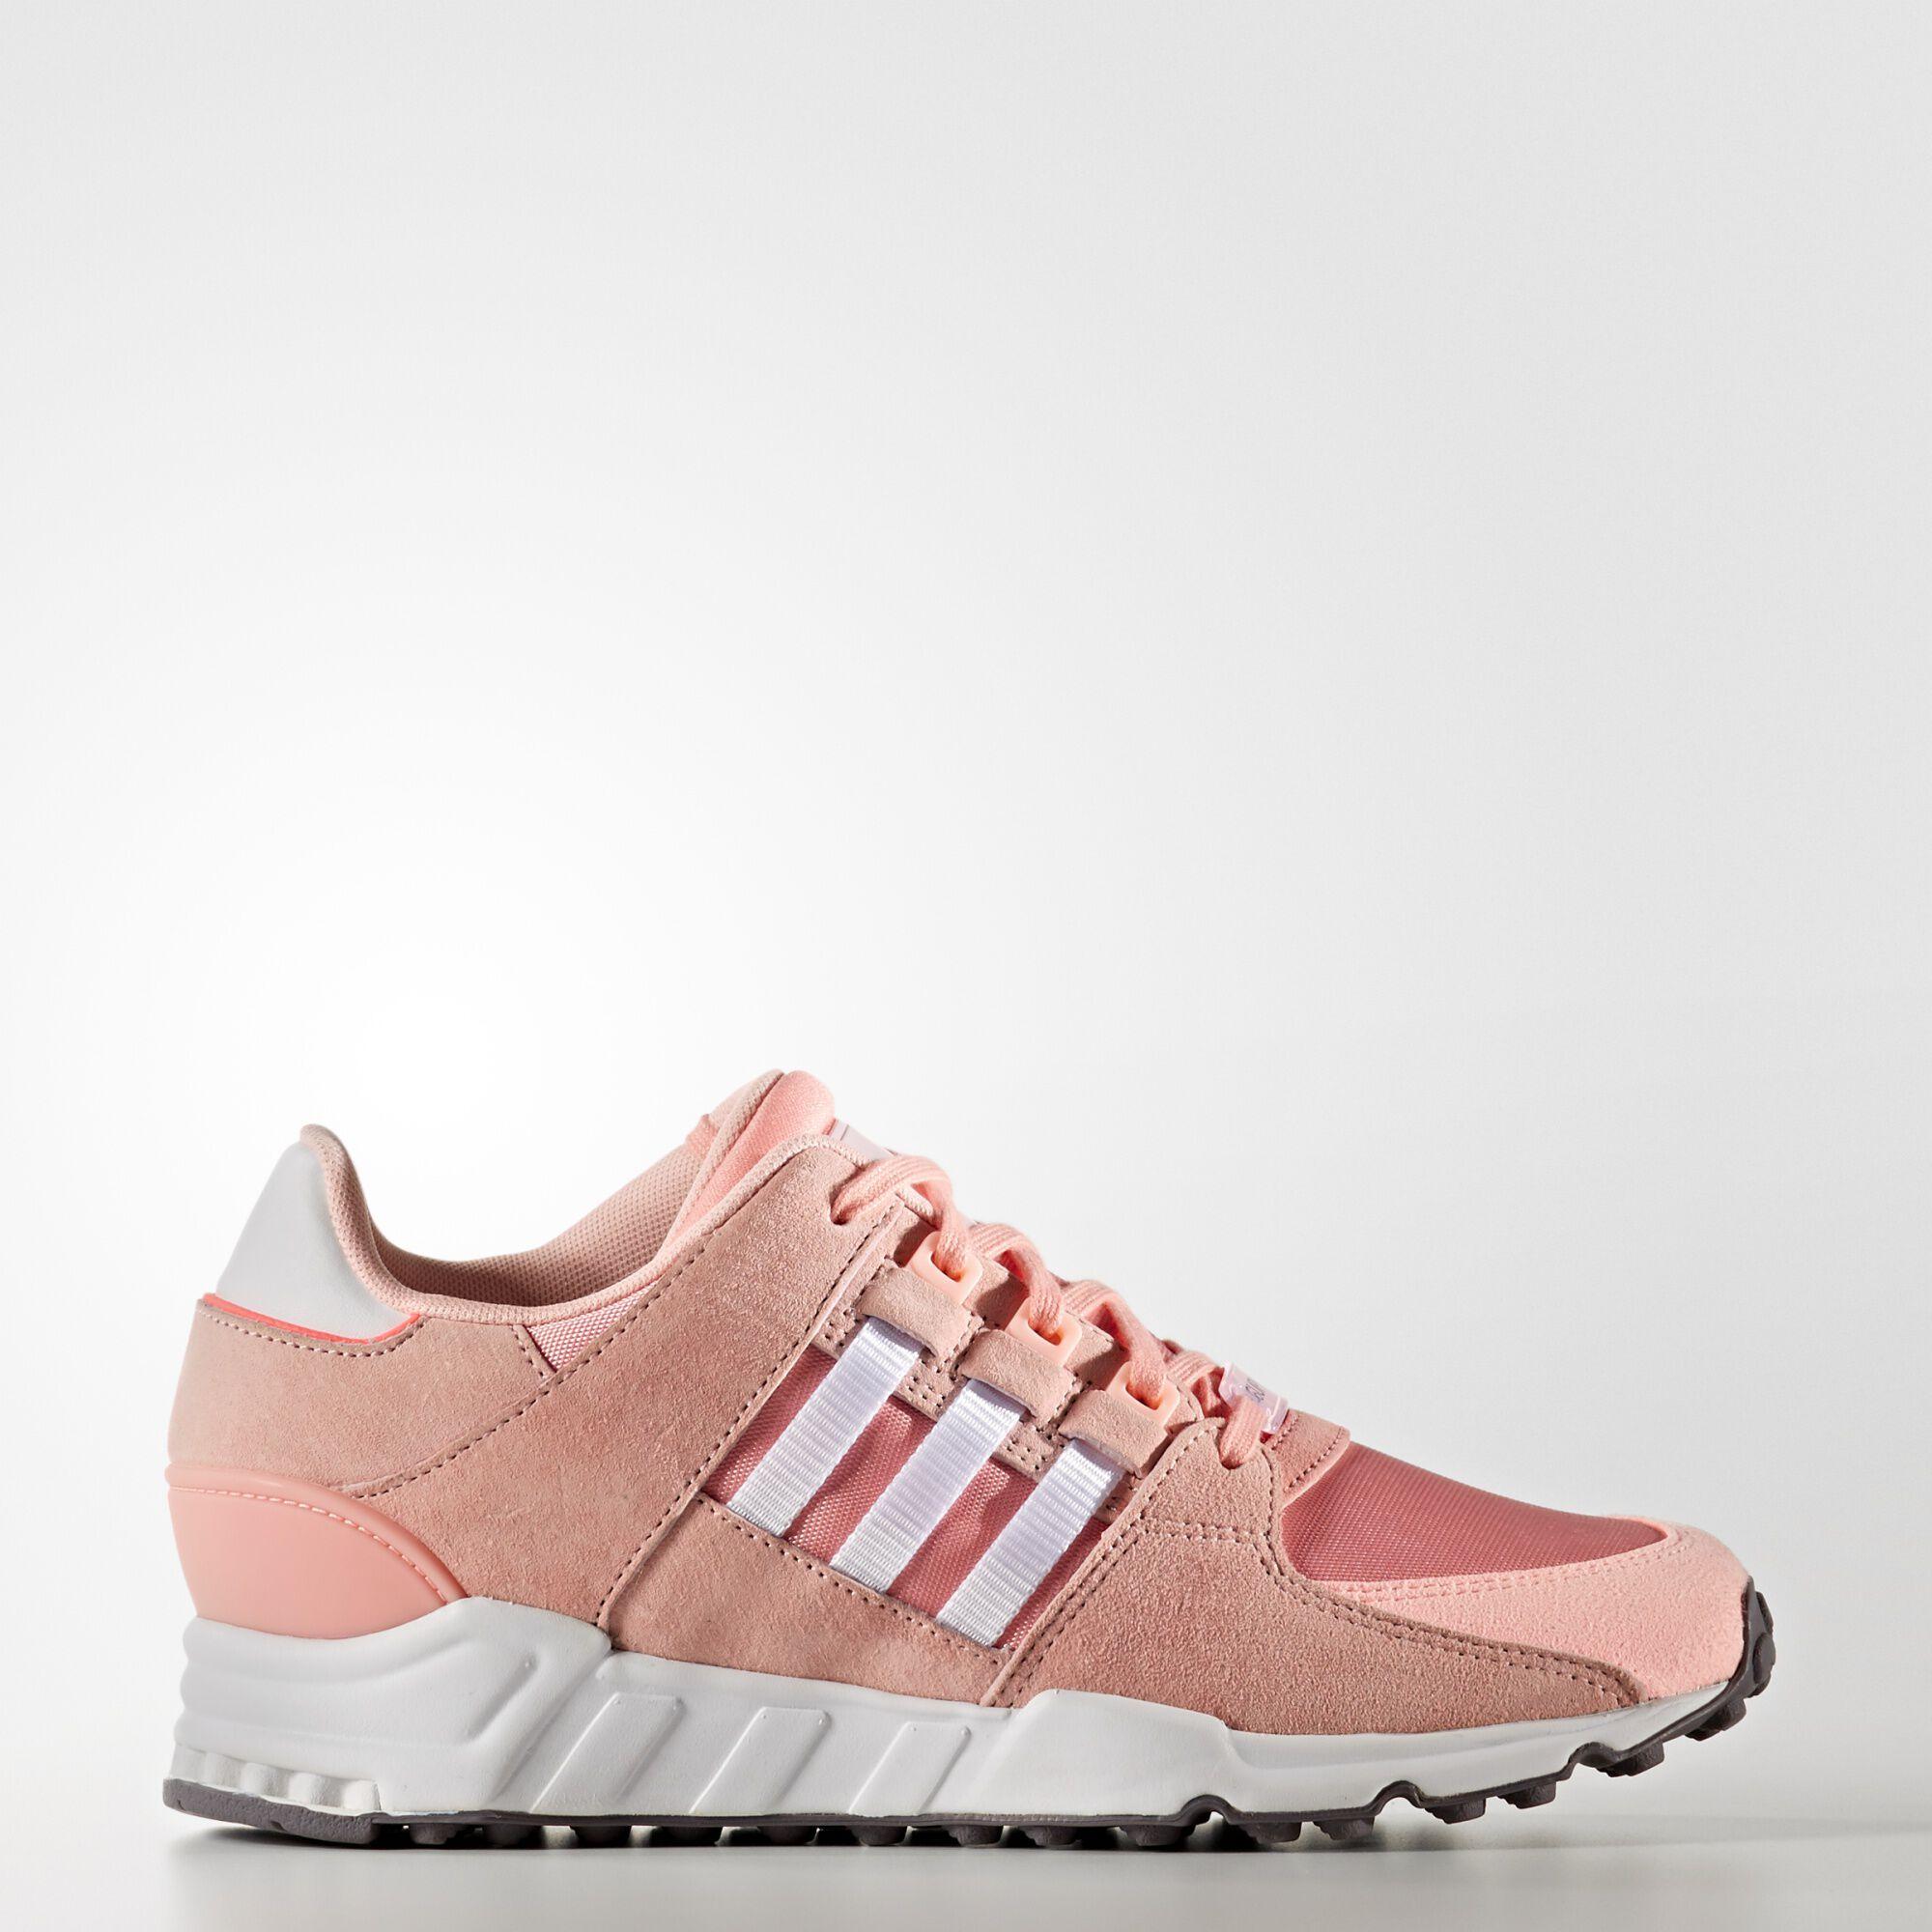 Adidas Schuhe Weiß Mit Grünen Streifen